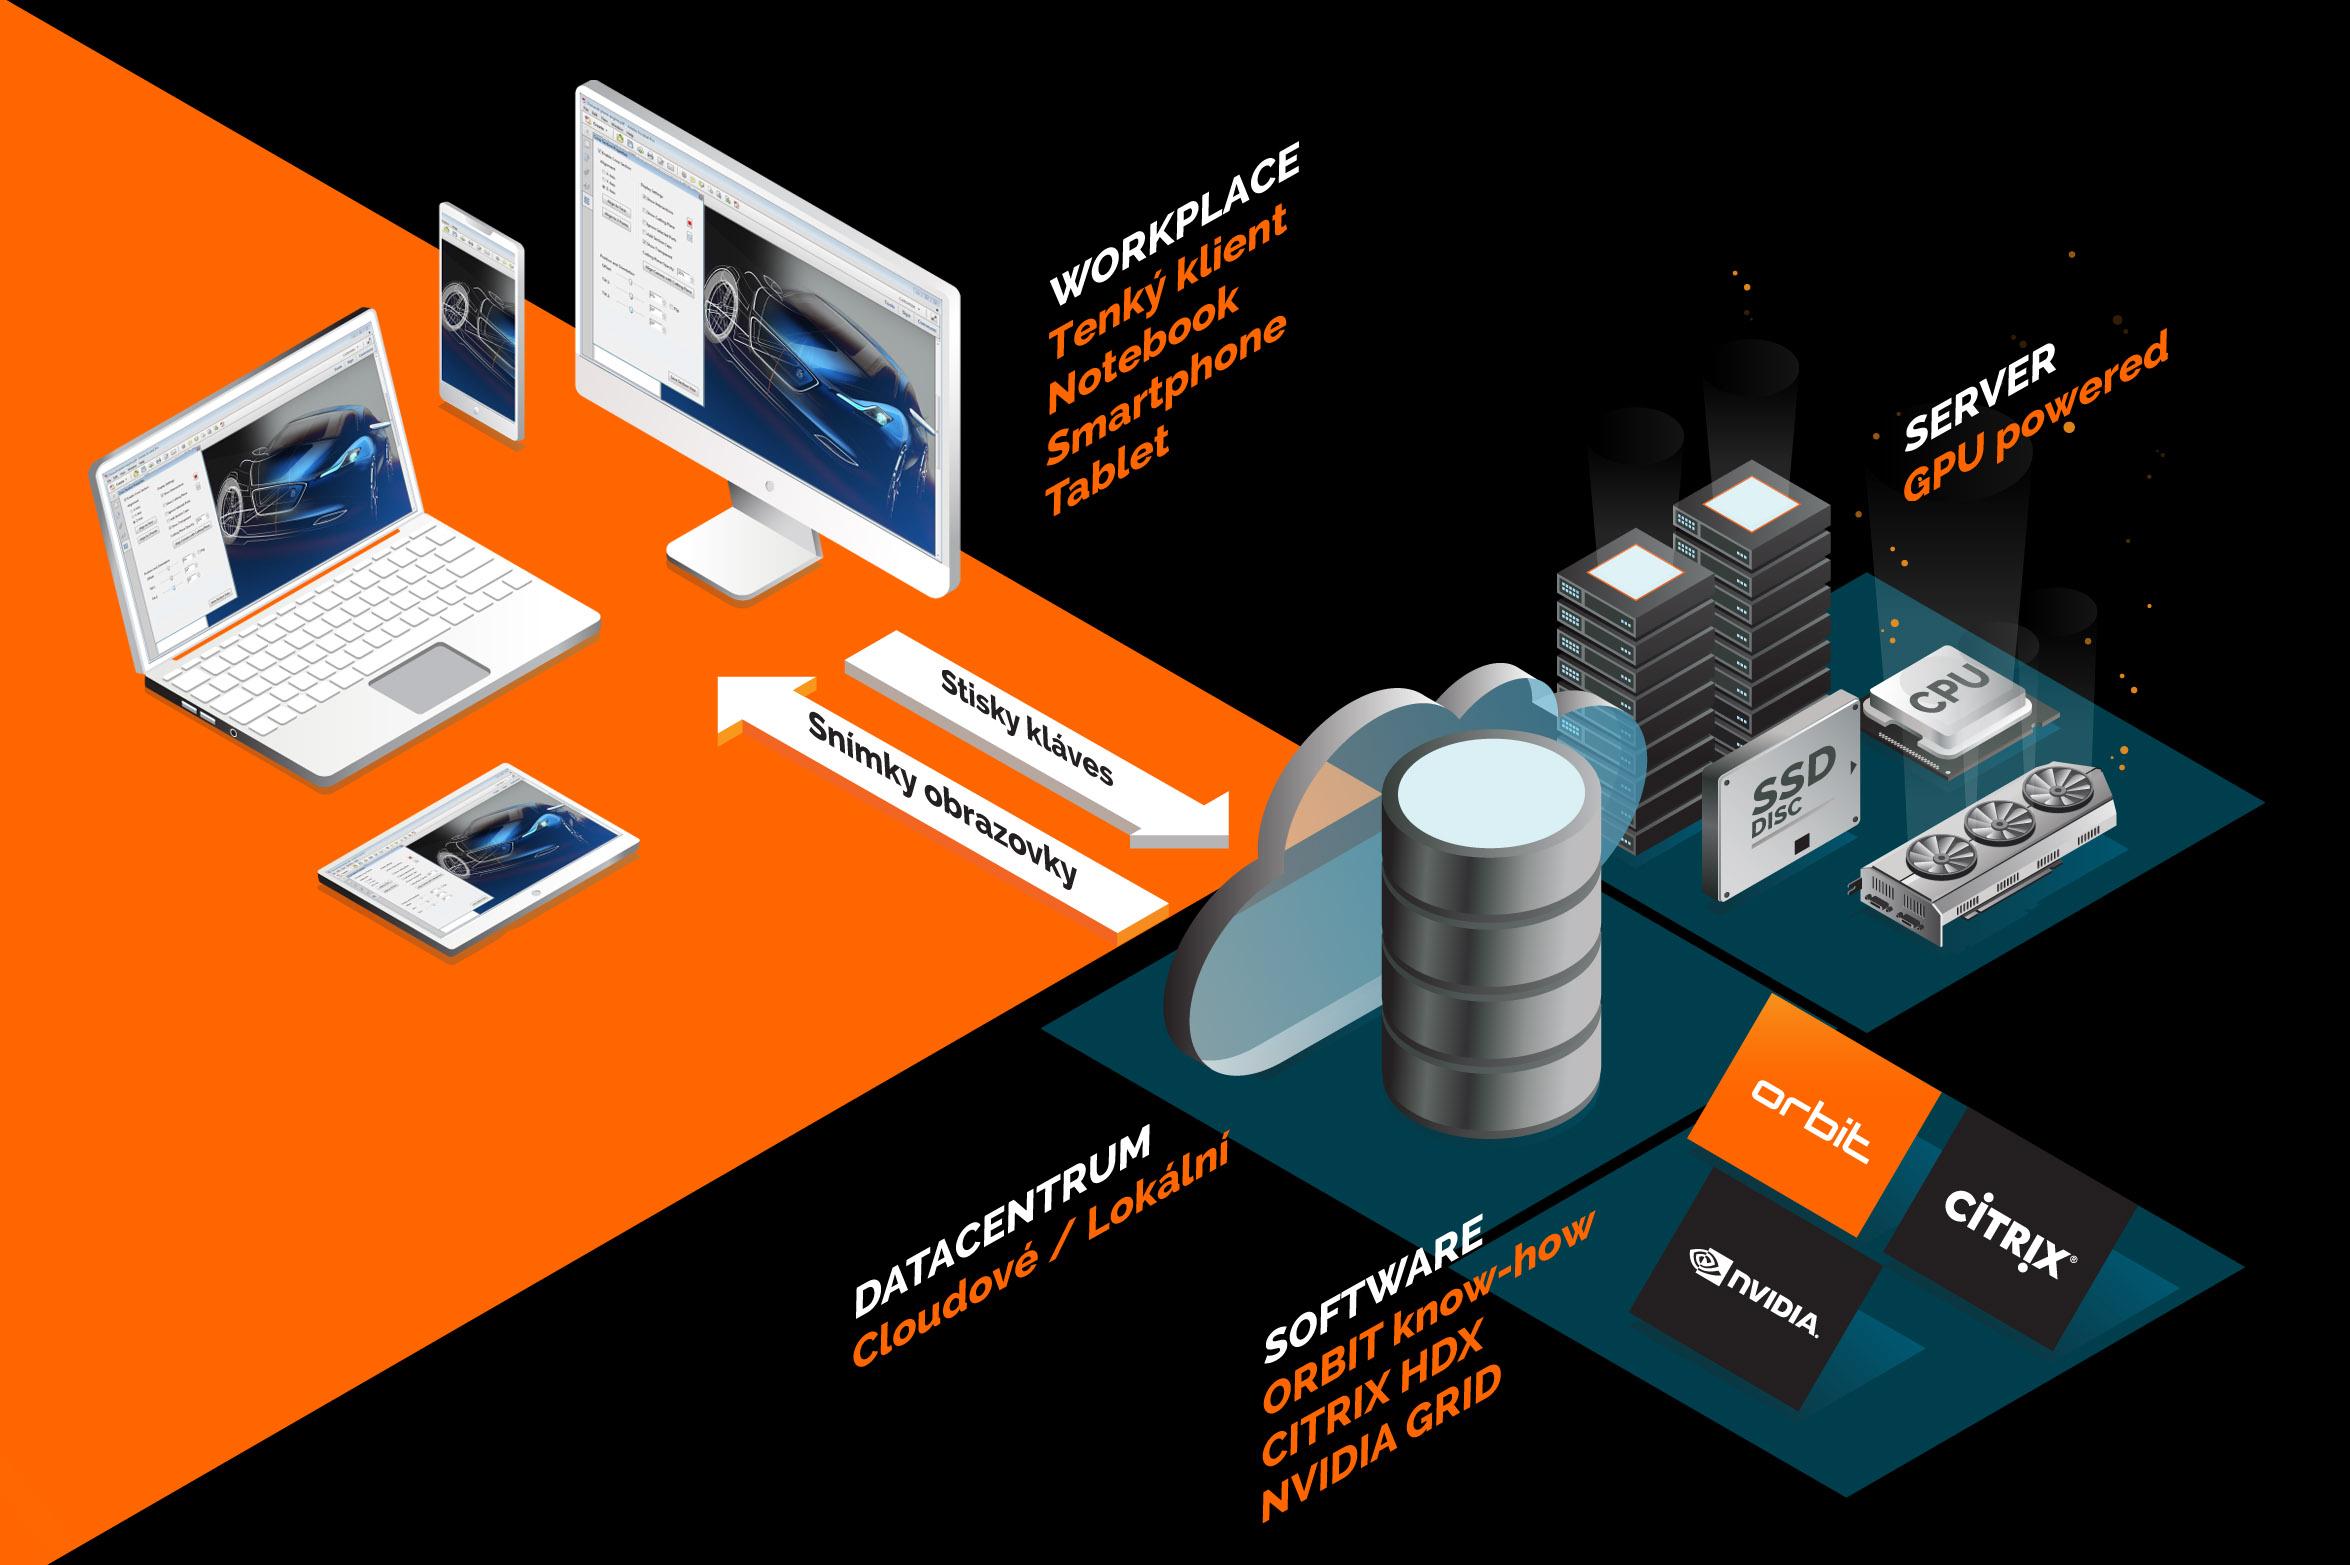 Co je to ORBIT 3D Workplace? - 3D Workplace je komplexní řešení pro doručování výkonu a aplikací v graficky náročných prostředích. Jeho základem je terminálová farma serverů, ze které se na koncová zařízení přenášejí pouze snímky obrazovky. Bez ohledu na platformu, typ zařízení a místo, kde se nacházíte.